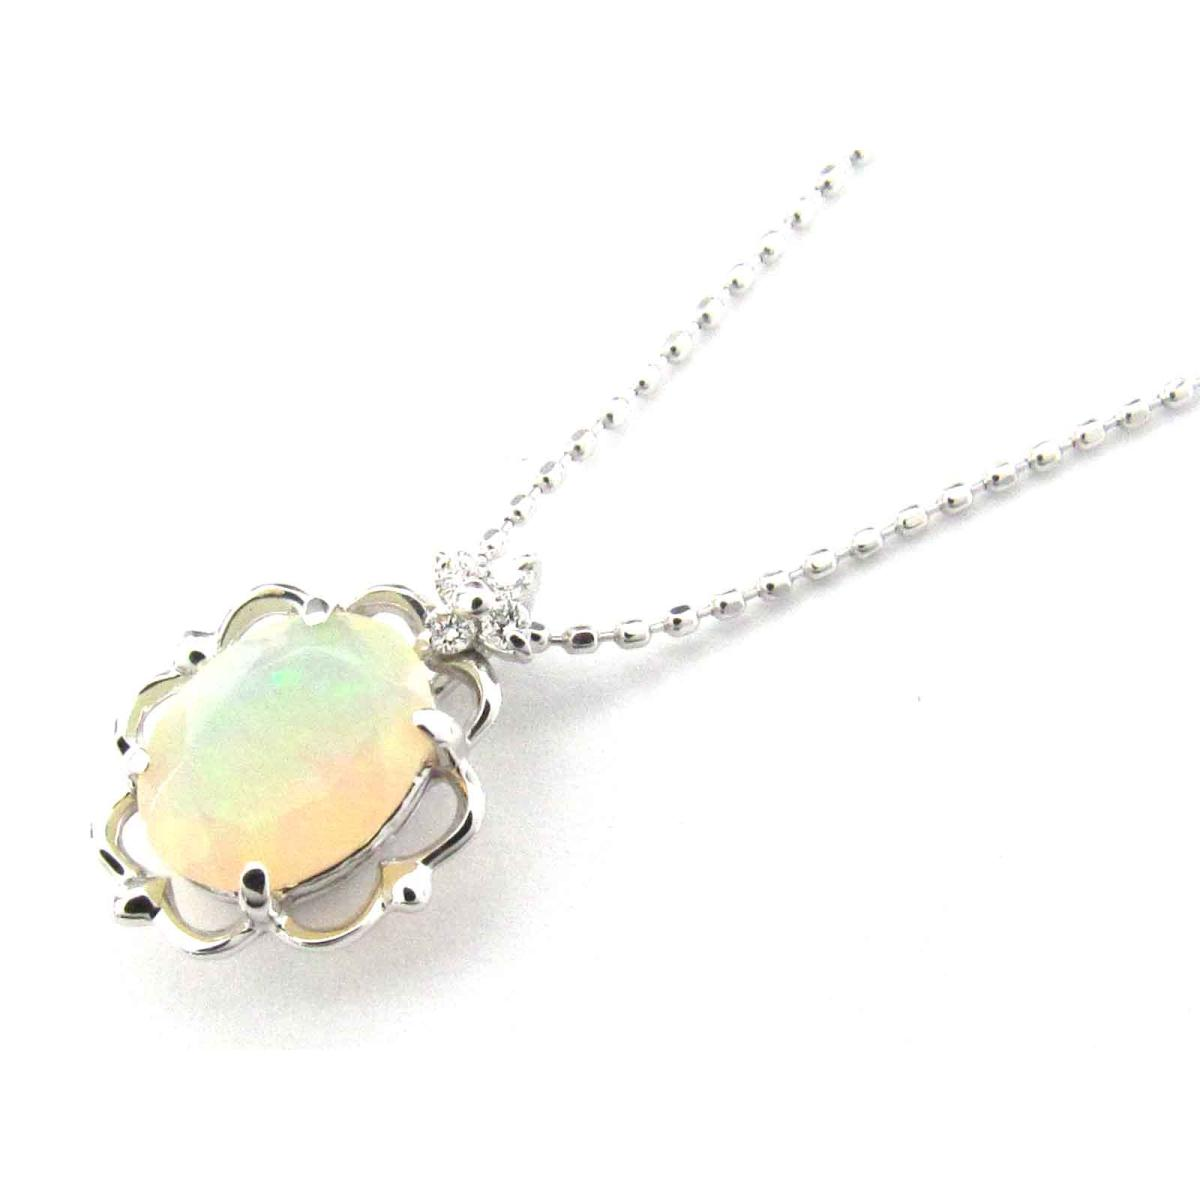 新発売の ジュエリー オパール ダイヤモンド ネックレス レディース K18WG (750) ホワイトゴールド x オパール (0.67ct) x ダイヤモンド (0.03ct)   JEWELRY ネックレス K18 18K 18金 新品 ブランドオフ, PeP TOMIYA 5bad69f2